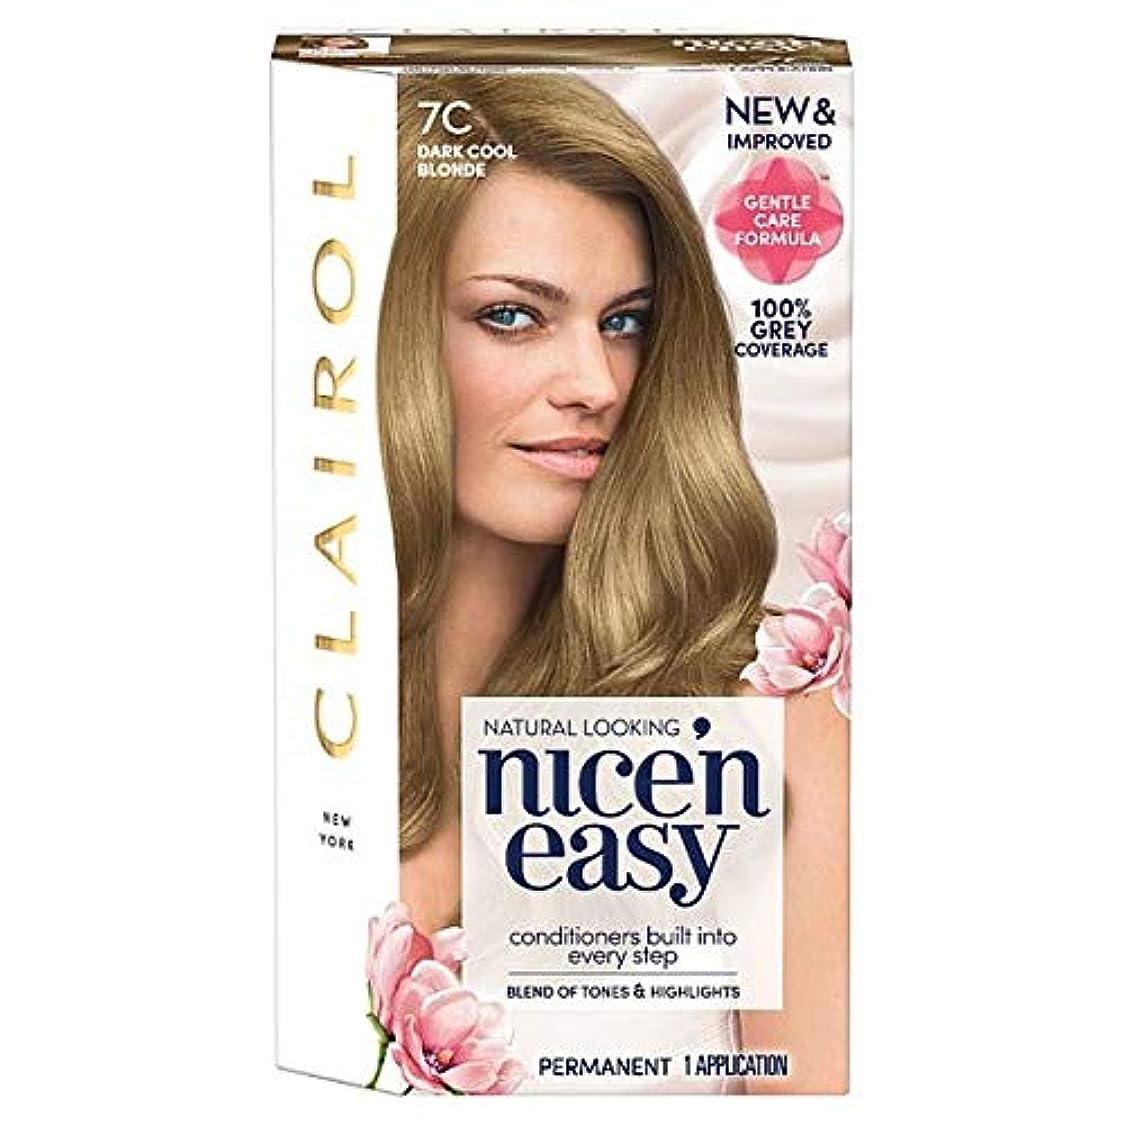 旅行者バレーボールリンス[Nice'n Easy] クレイロール素敵な「N簡単ダーククールなブロンド7Cの染毛剤 - Clairol Nice 'N Easy Dark Cool Blonde 7C Hair Dye [並行輸入品]